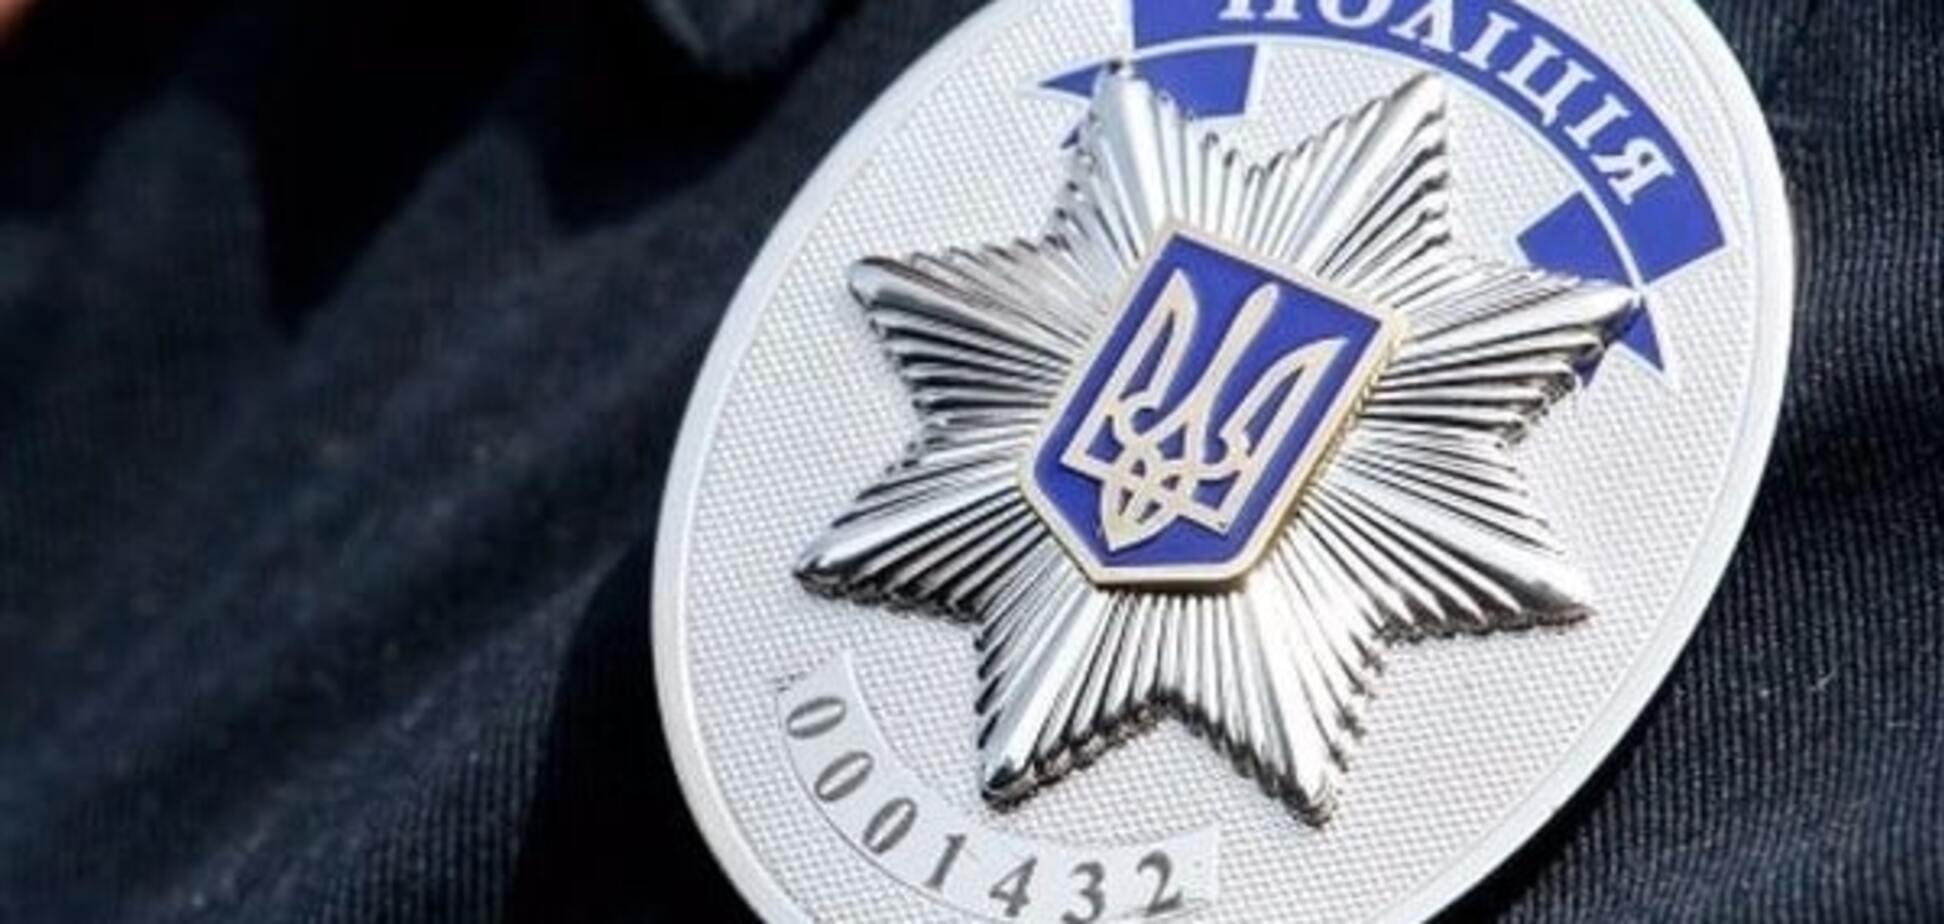 Пьяные полицейские избили двух одесситов - СМИ